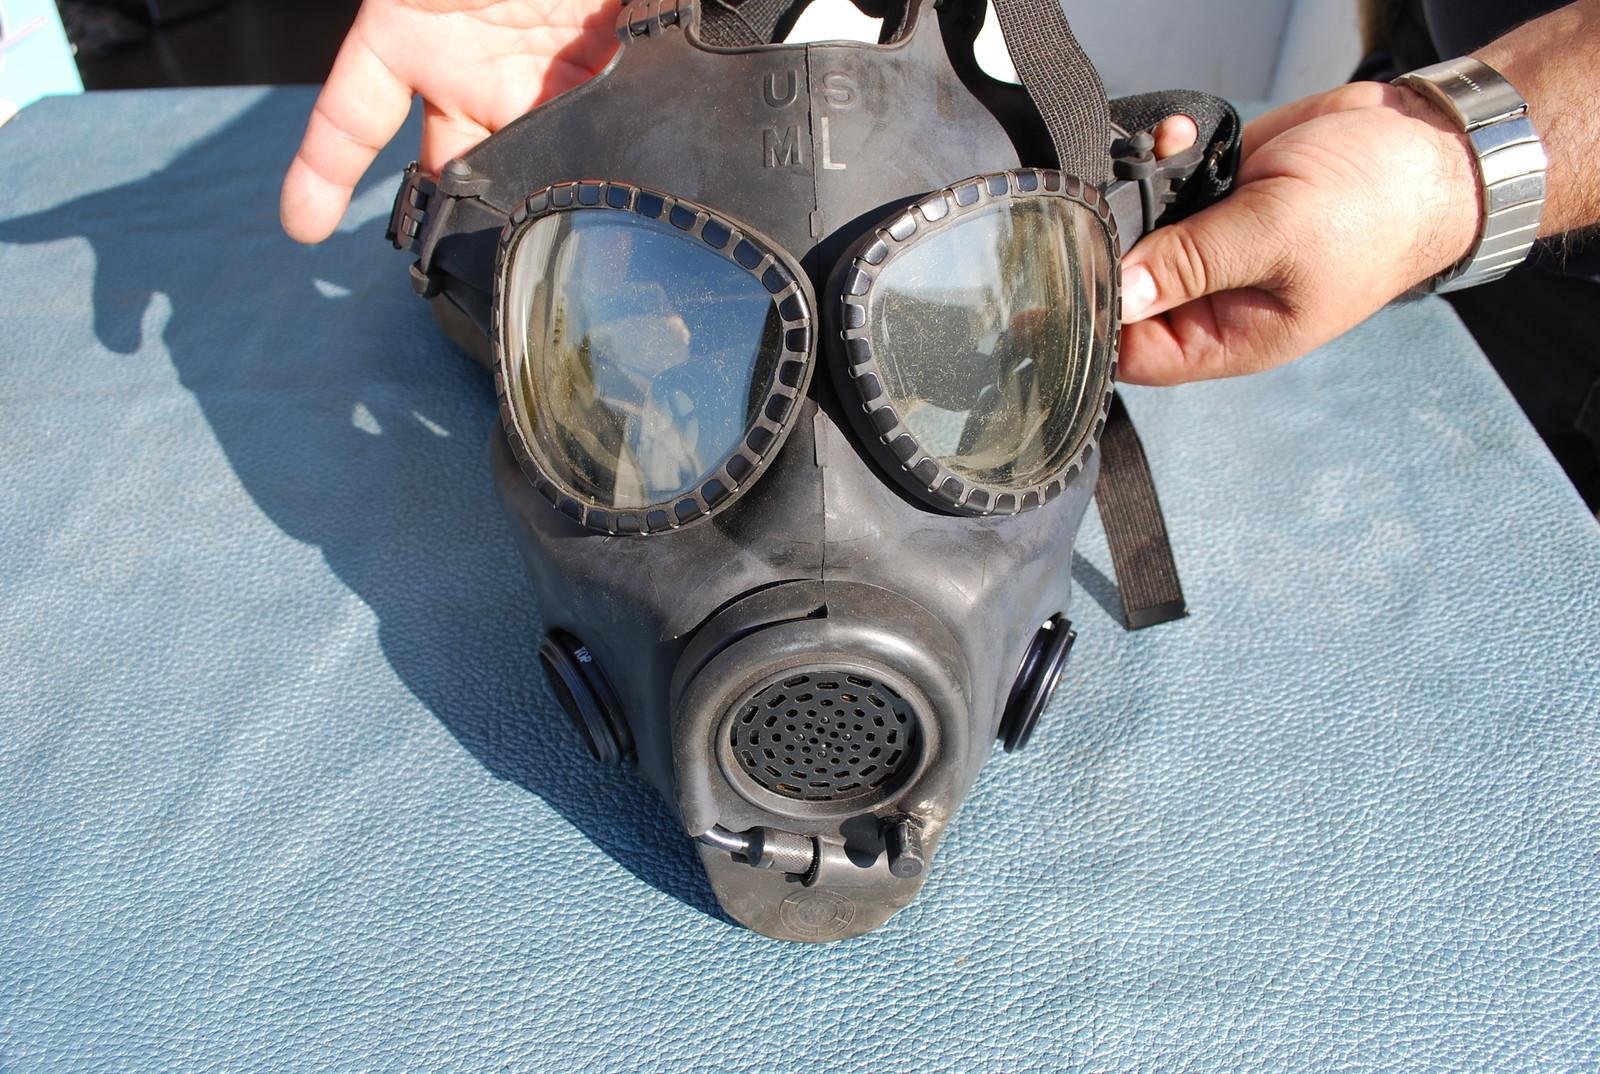 rddusa blog | Gas Mask